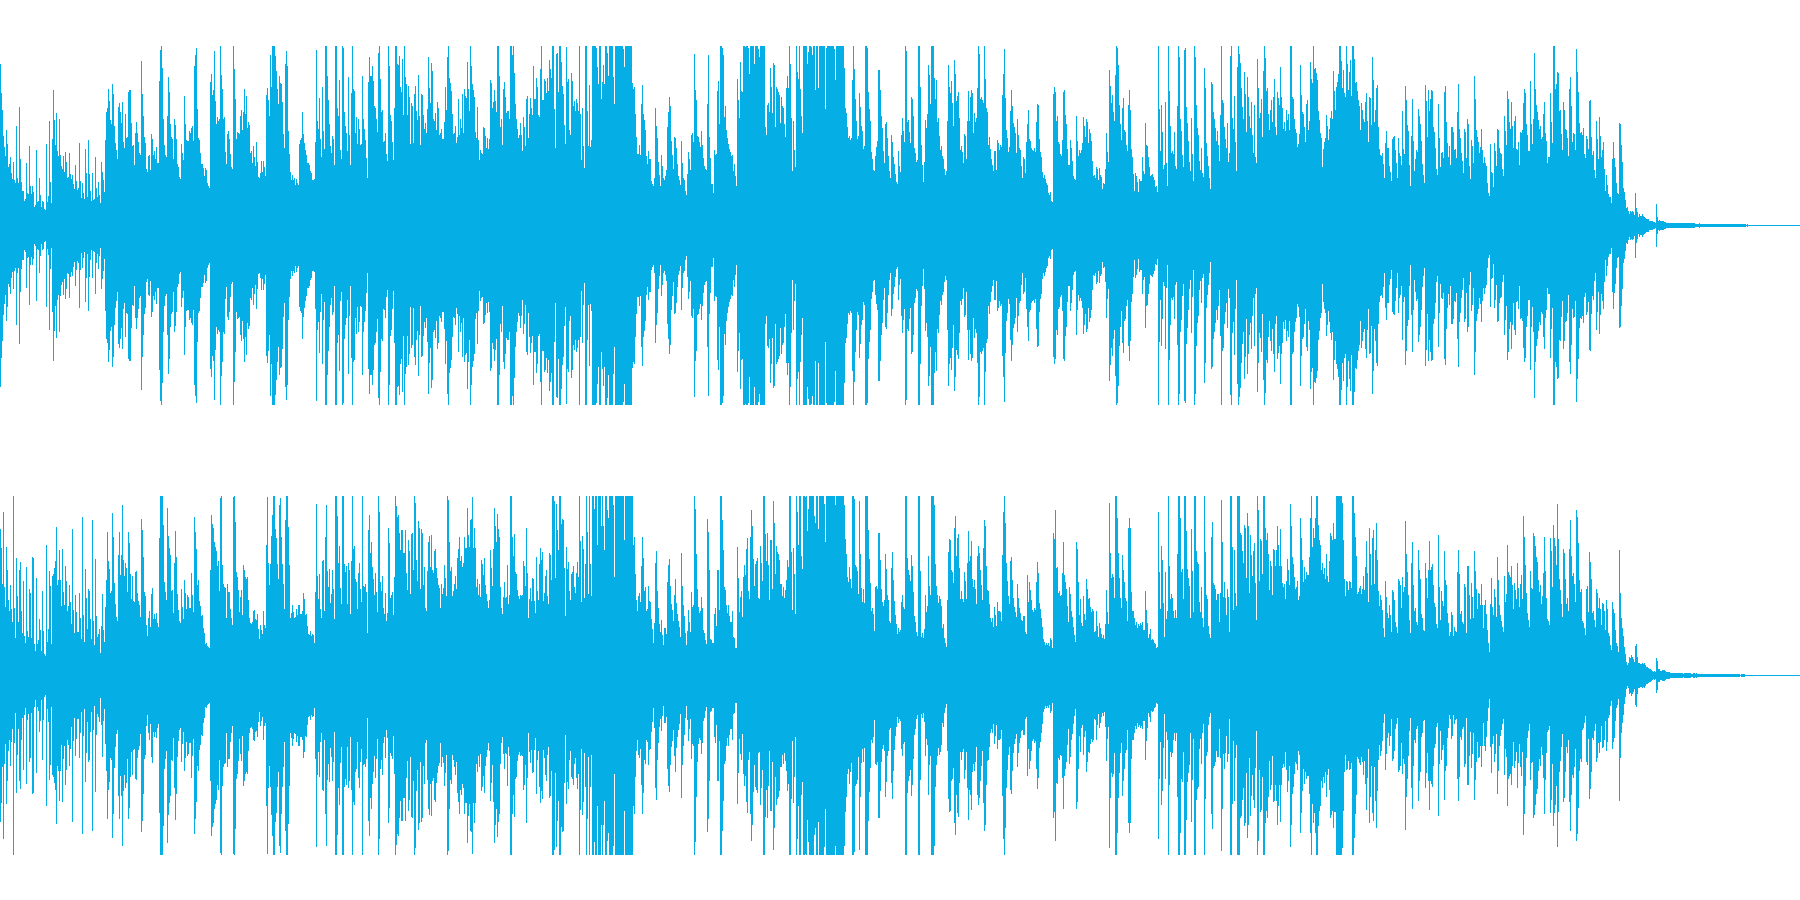 優しく温かいピアノソロの再生済みの波形